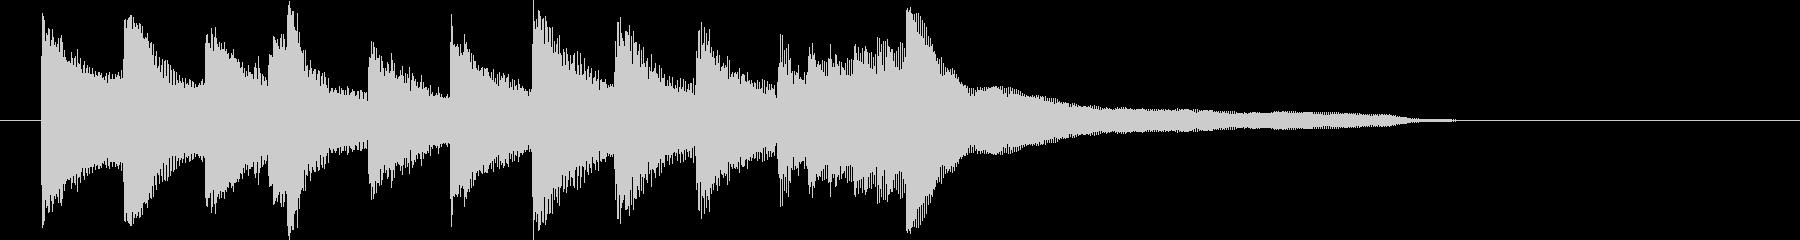 日常、ほのぼのした、綺麗なピアノジングルの未再生の波形